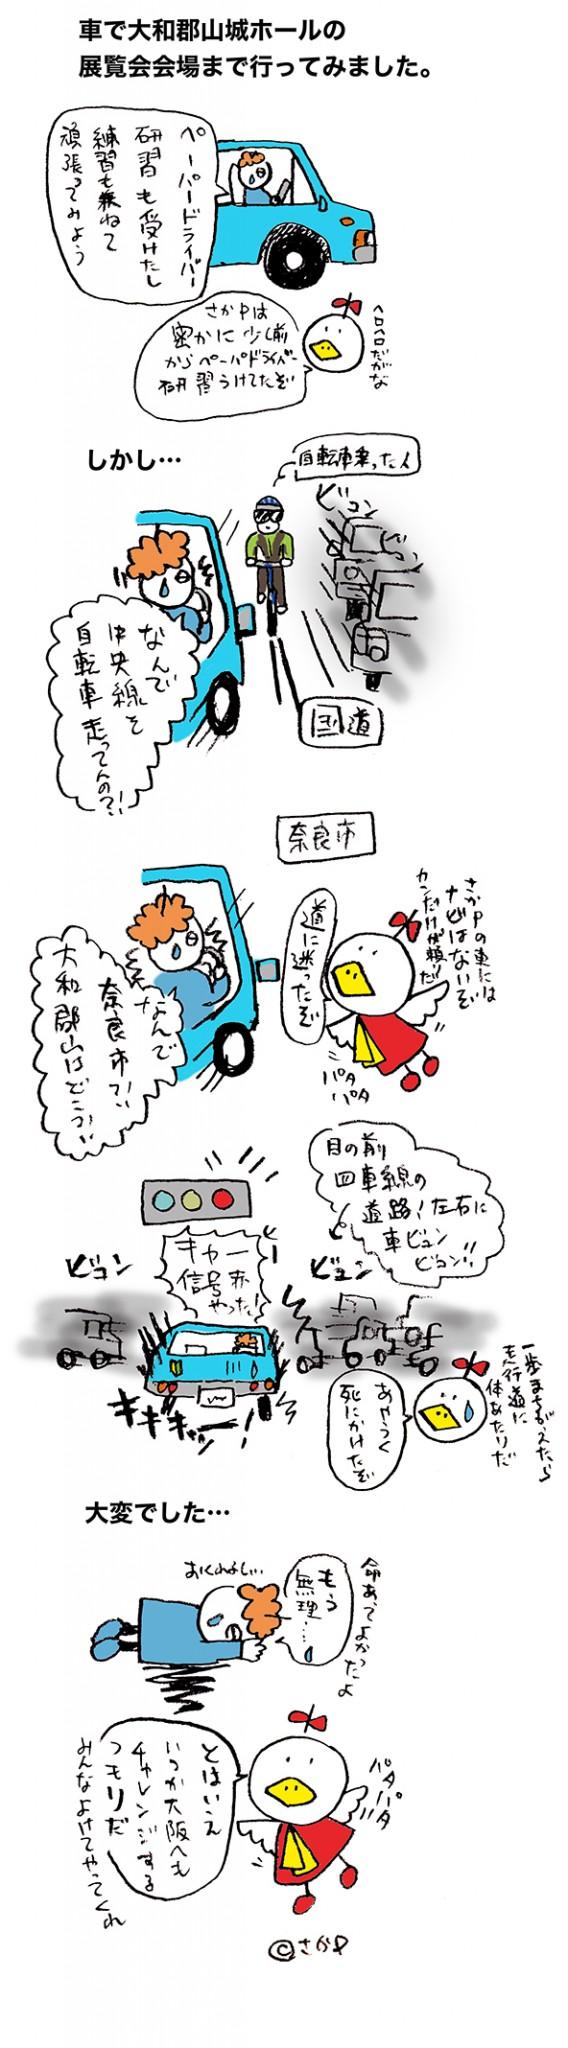 さかpの落書きブログのイラスト